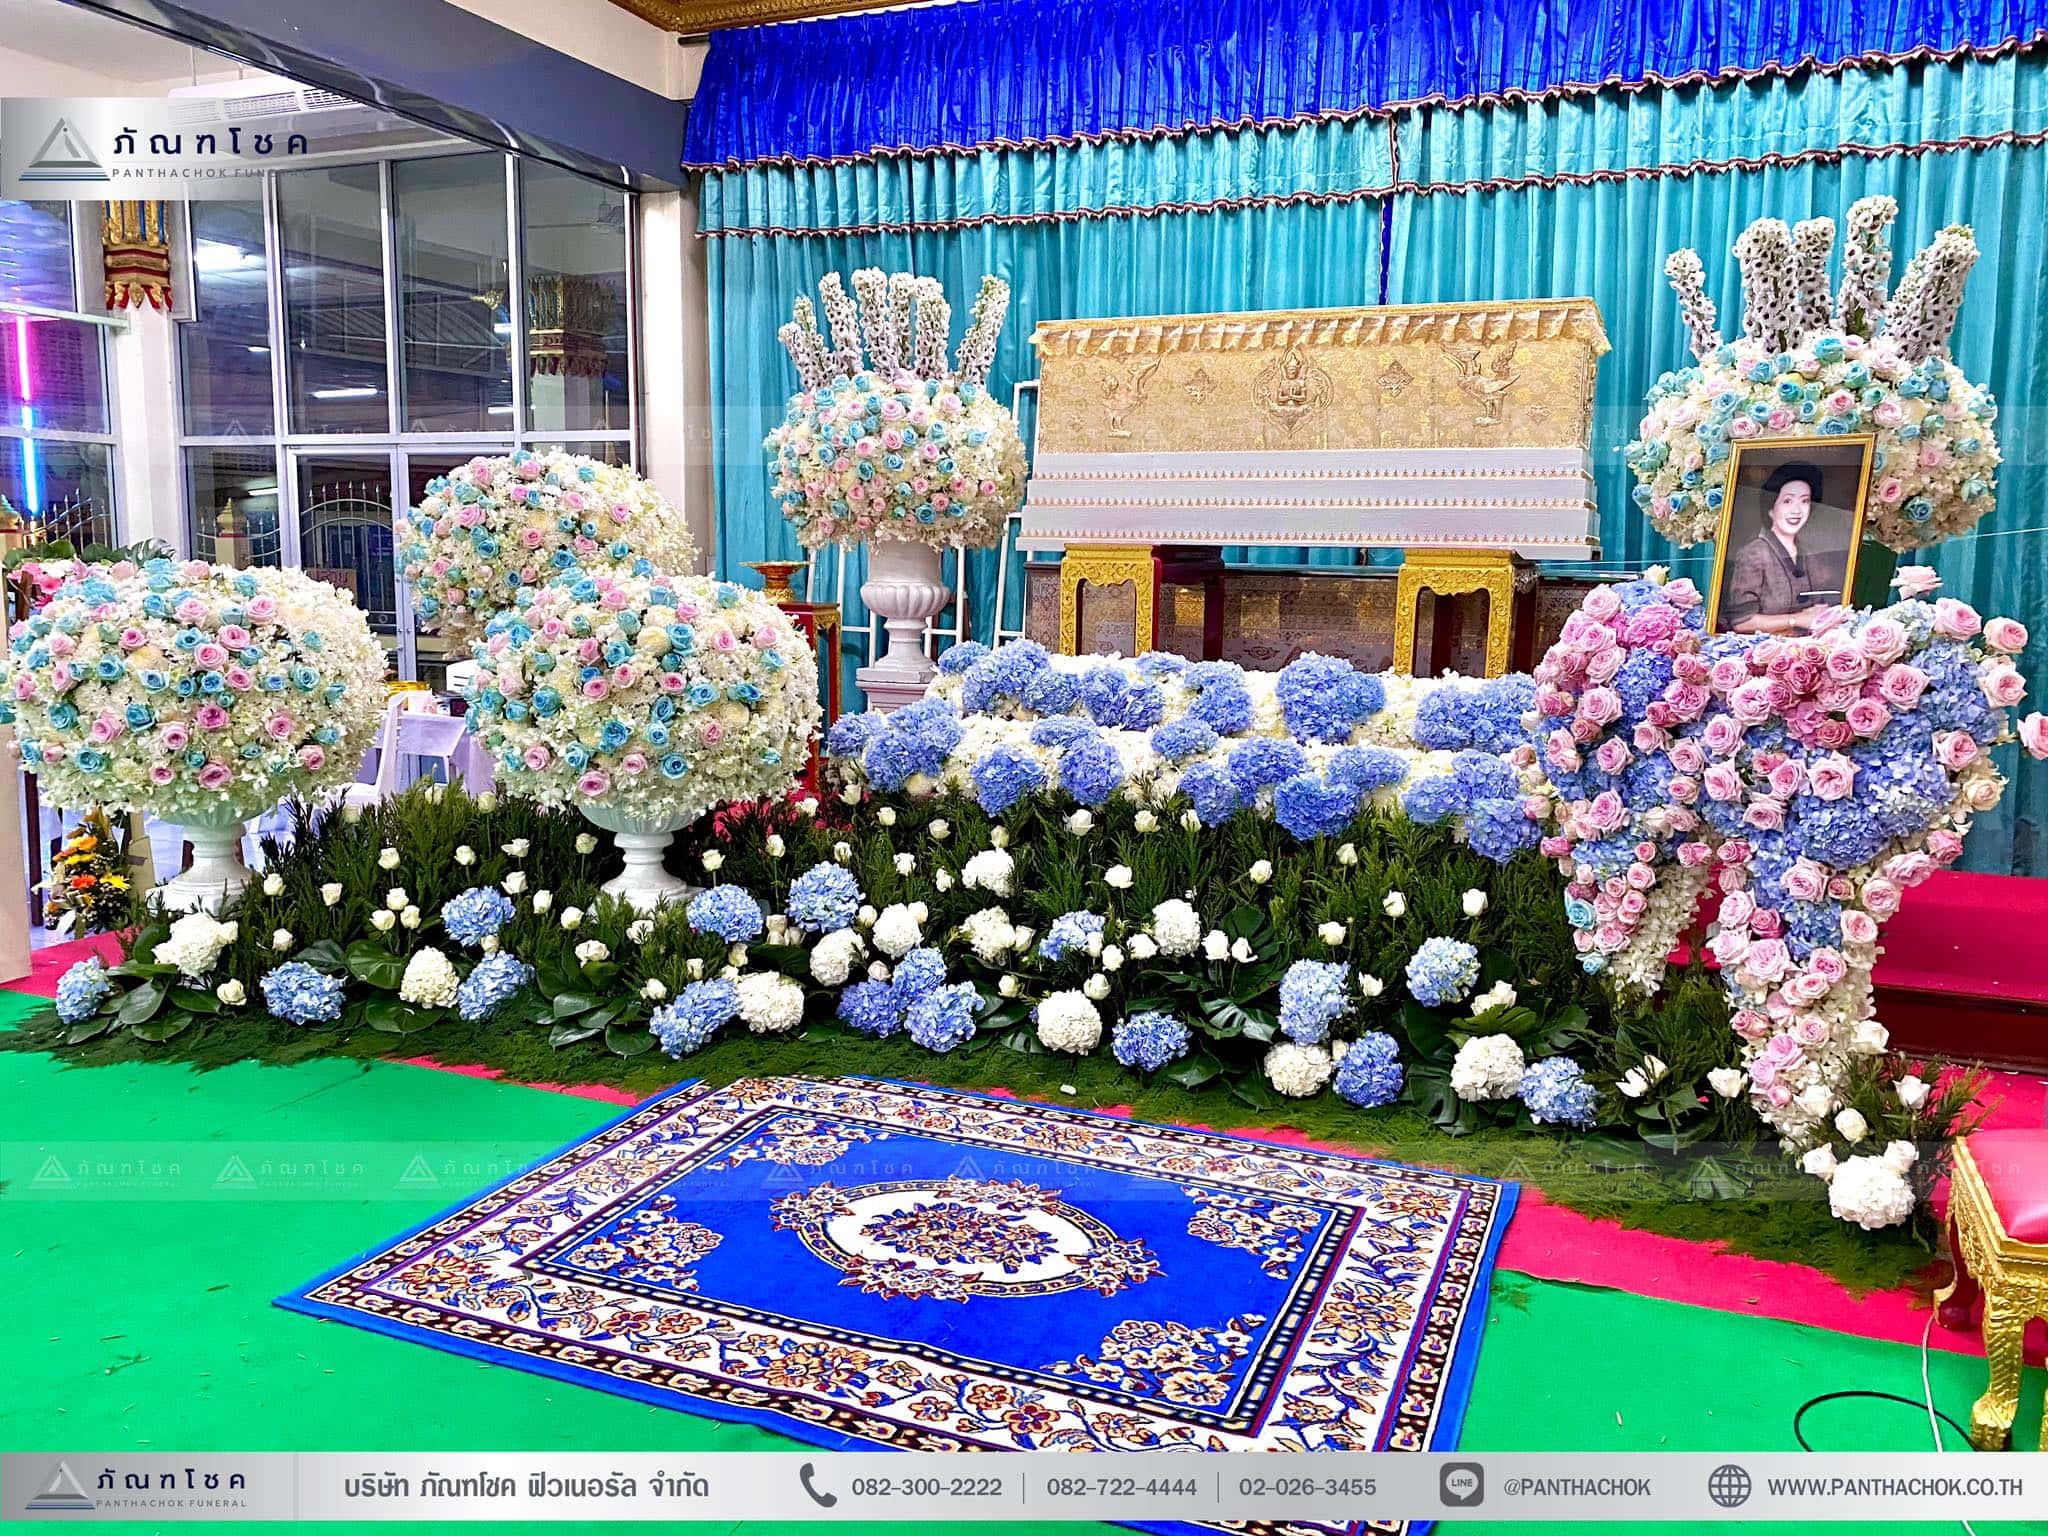 ดอกไม้งานศพสไตล์โมเดิร์น ณ วัดบัวขวัญพระอารามหลวง จ.นนทบุรี 4